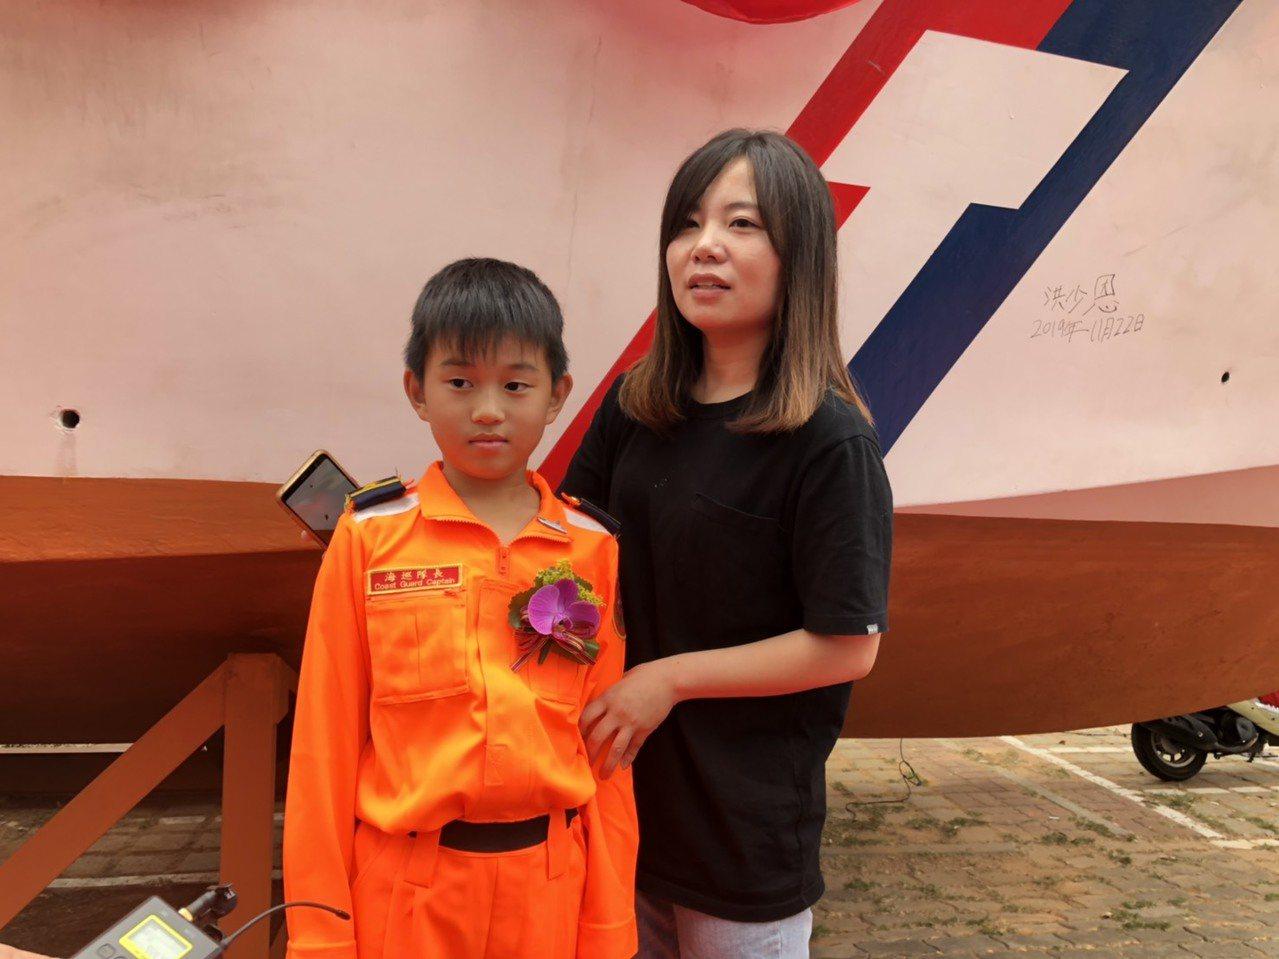 來自小金門的林芳鈺今天也特地帶著8歲兒子洪少恩和婆婆,前來向除役的巡防艇致意;她...